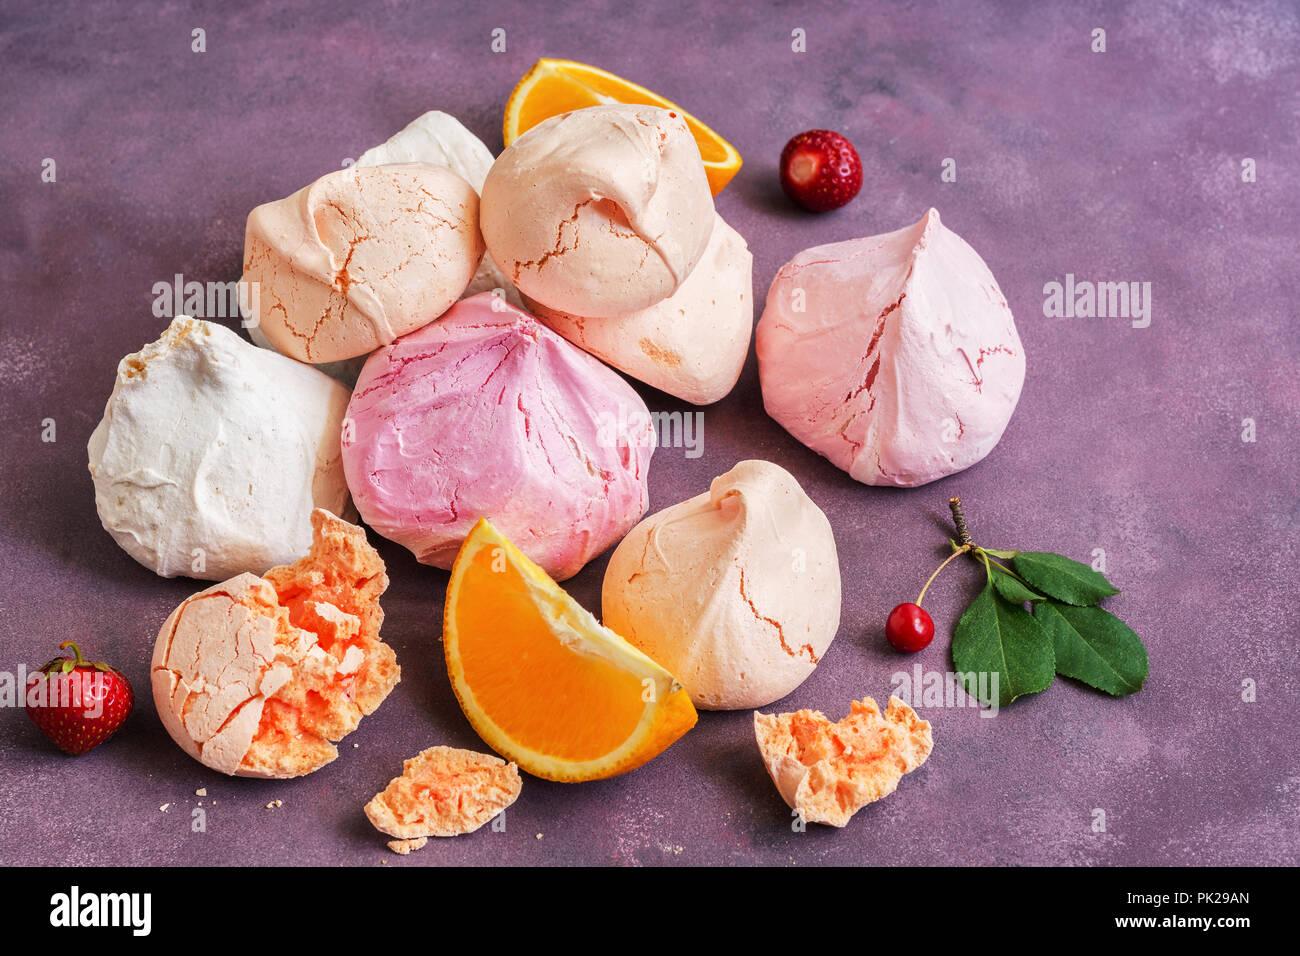 La meringue multicolore avec des fraises, cerises et orange sur un magnifique arrière-plan. Beaucoup de meringue, selective focus Photo Stock